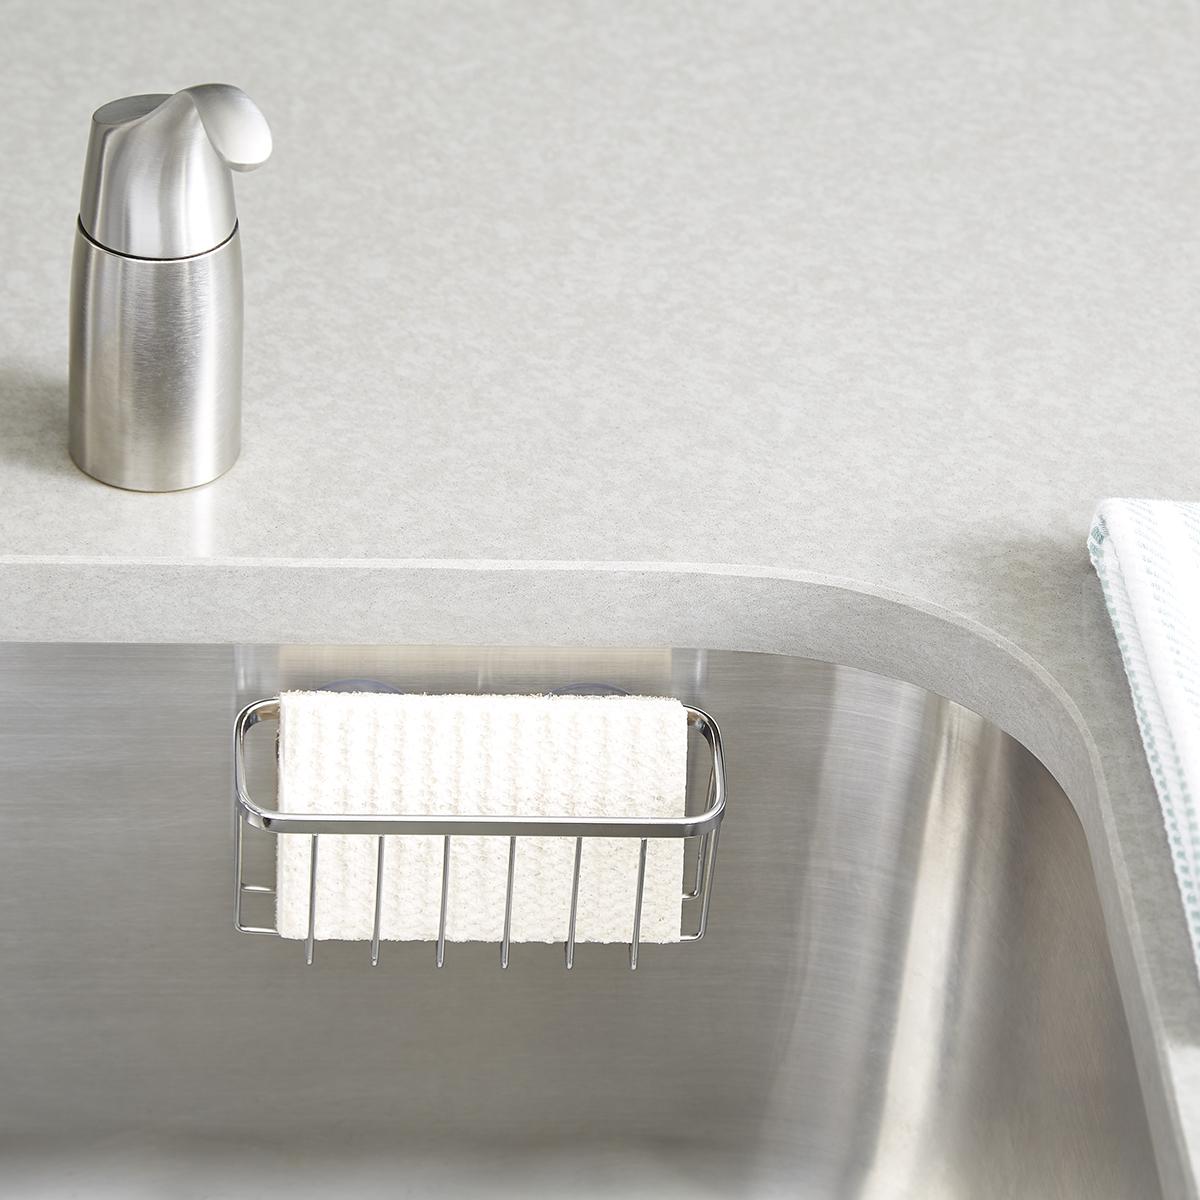 InterDesign Stainless Steel Suction Sink Center